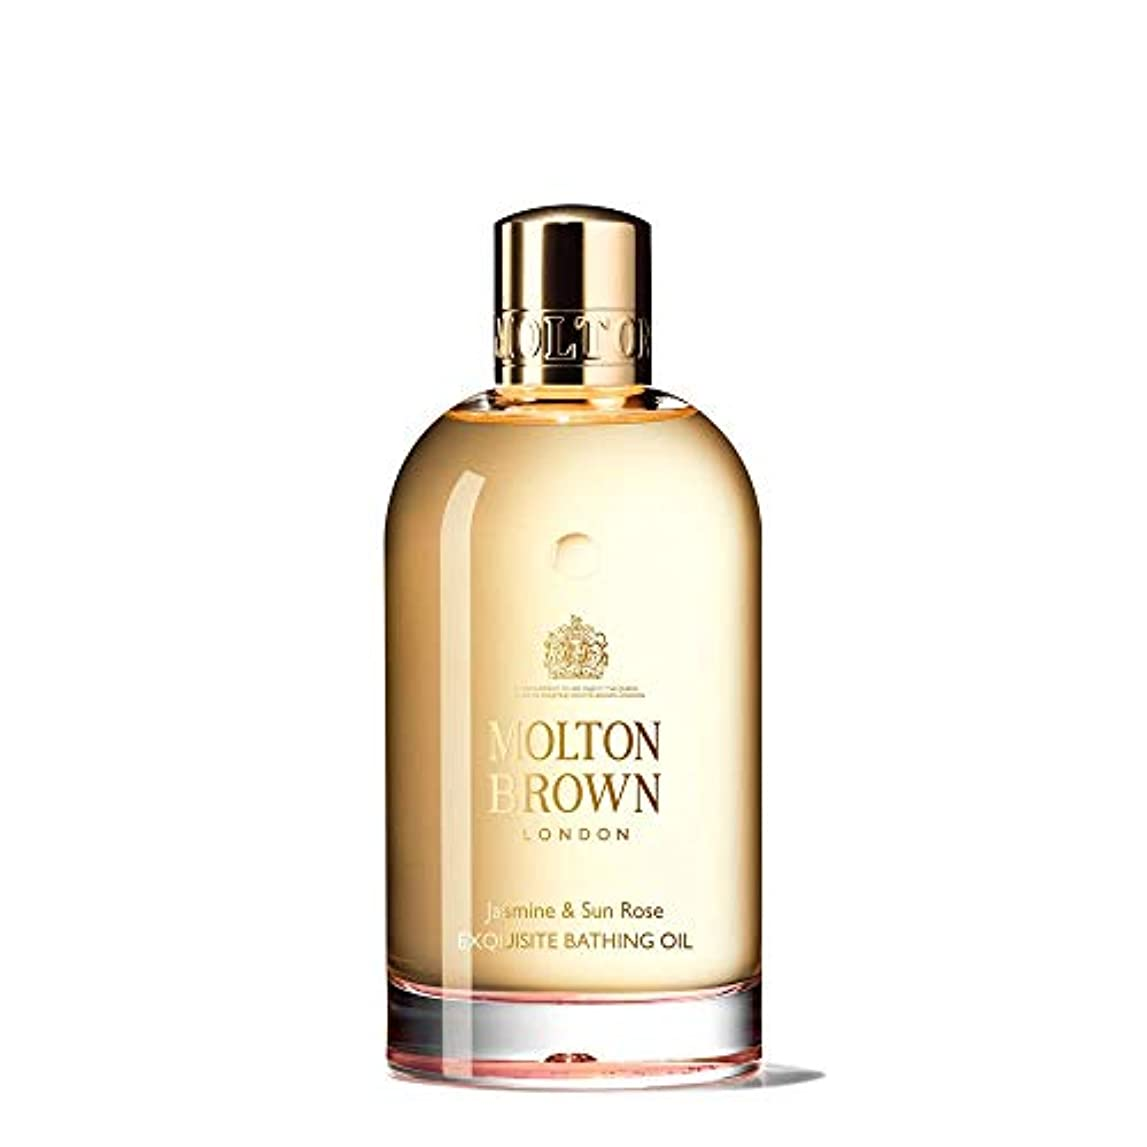 パーフェルビッドガロン芽MOLTON BROWN(モルトンブラウン) ジャスミン&サンローズ コレクション J&SR ベージングオイル